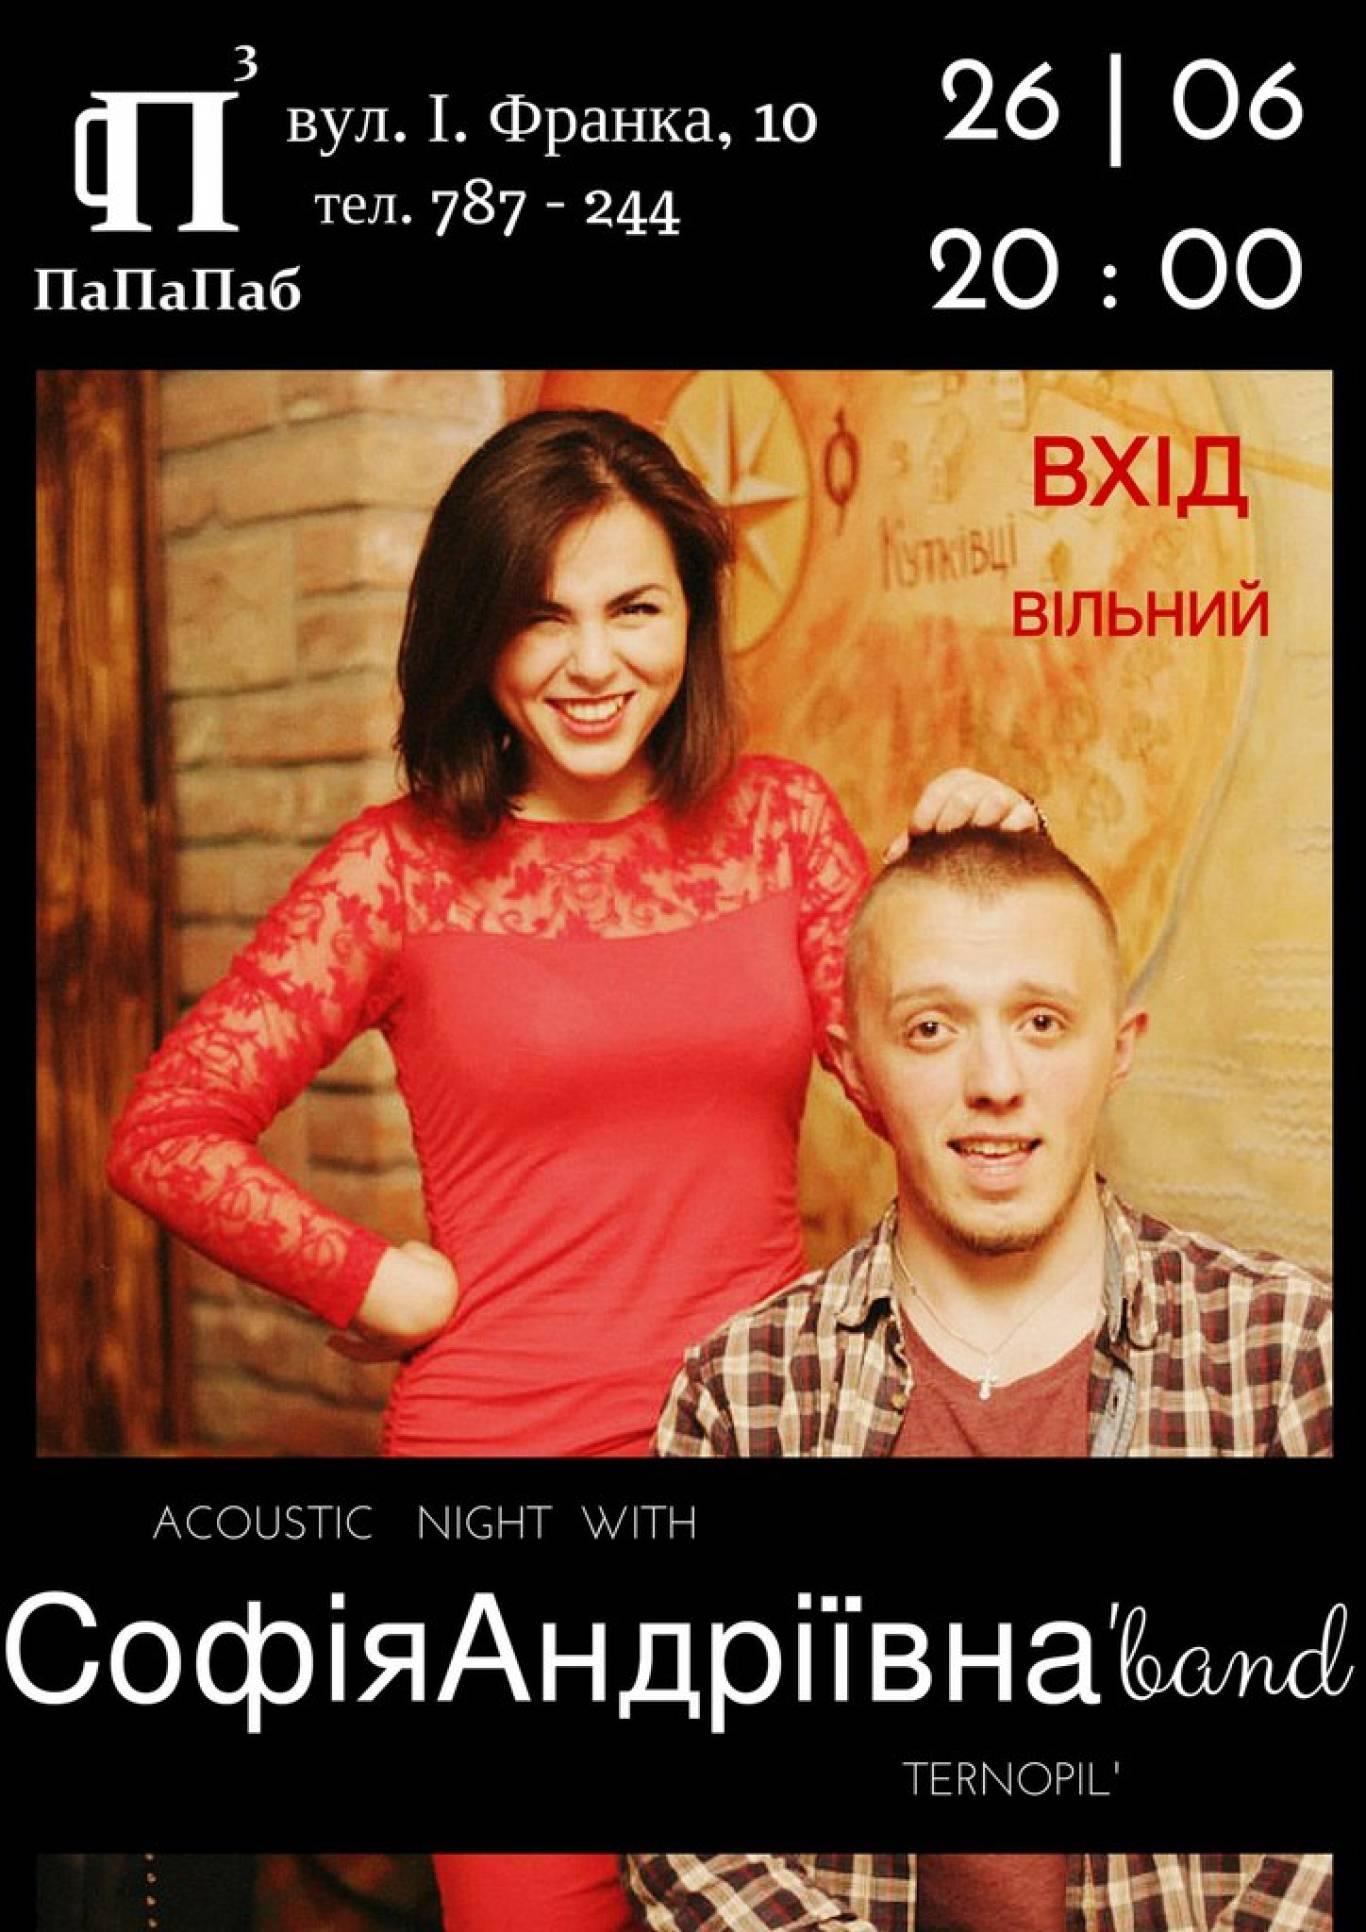 Акустичний проект Софія Андріївна band